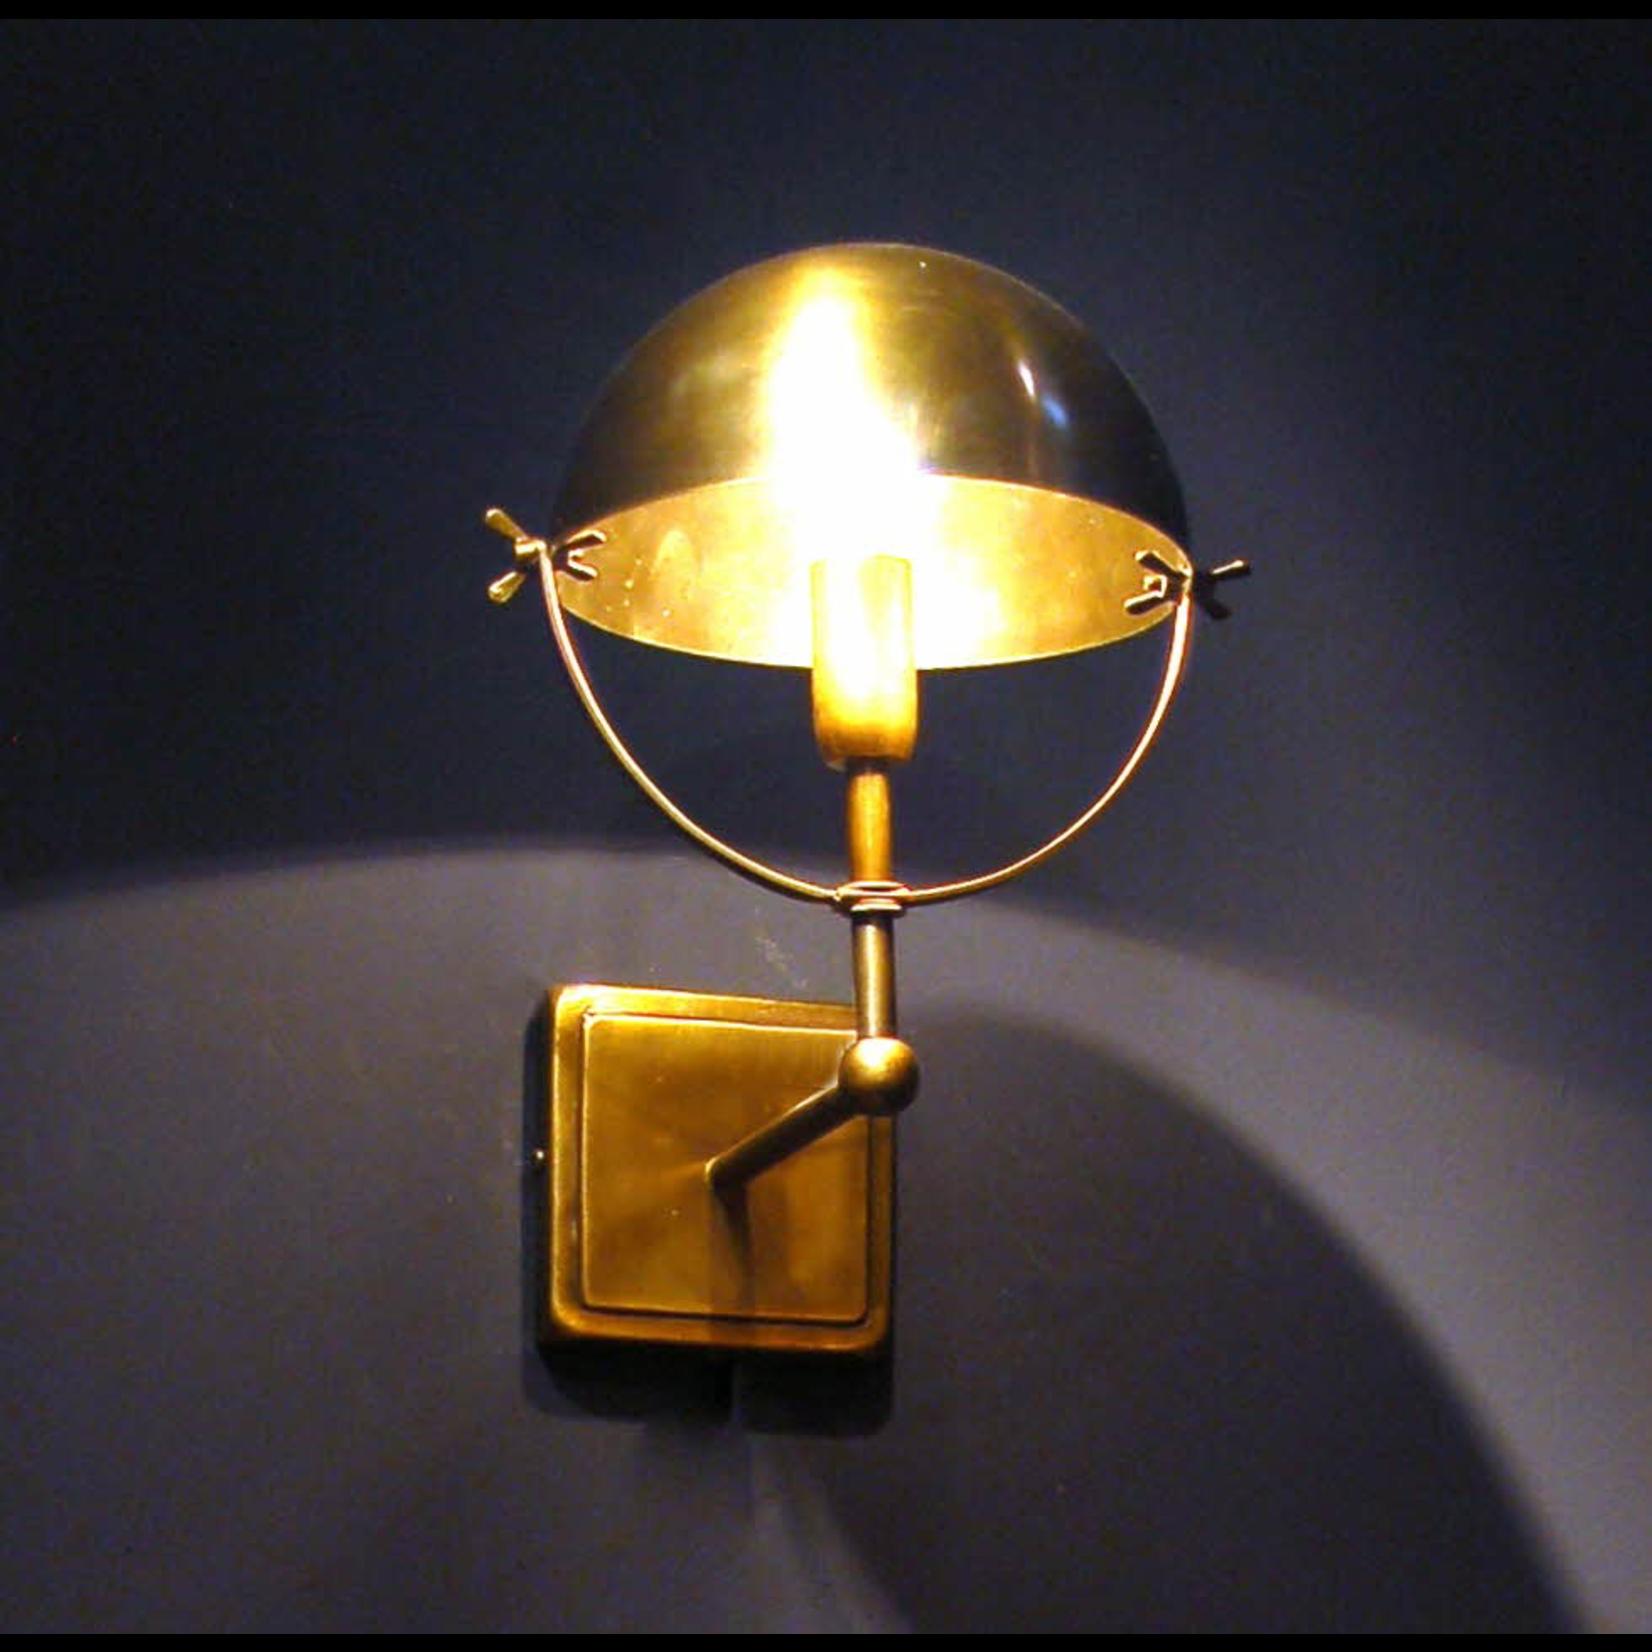 OBJET DE CURIOSITE ST BOL WALL LAMP BRASS ANTIQUE FINISH